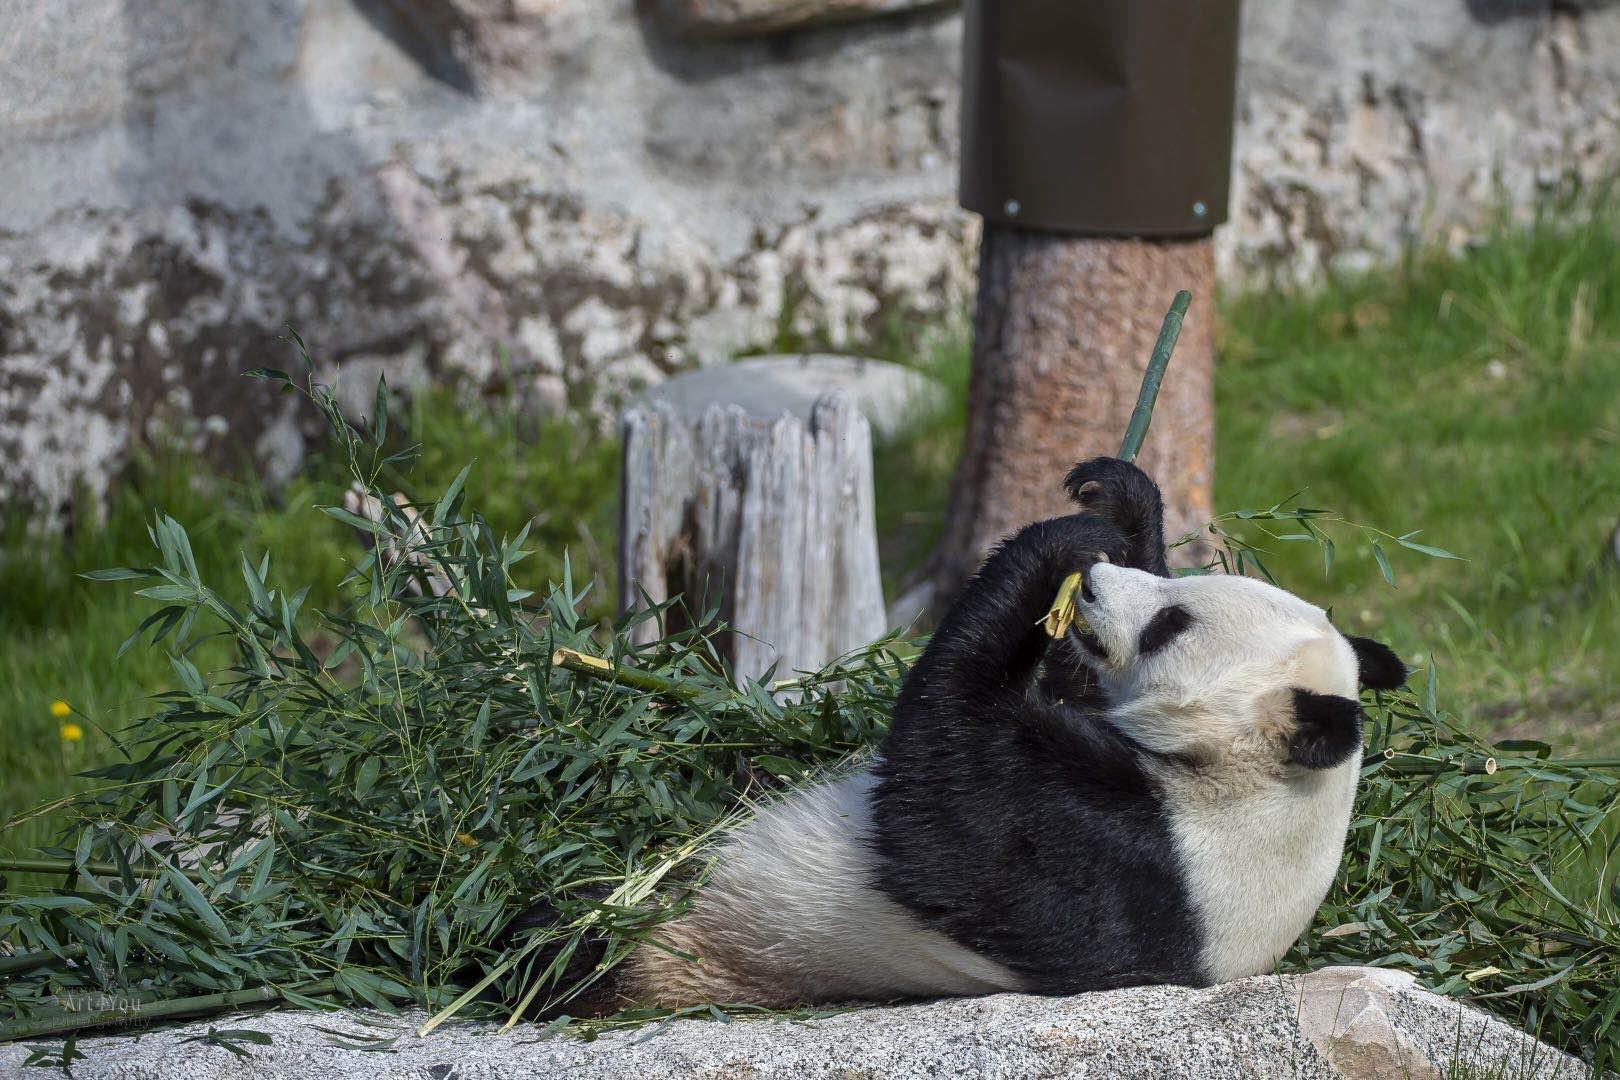 【摩天注册】竹子没有讨论送大熊猫摩天注册回图片